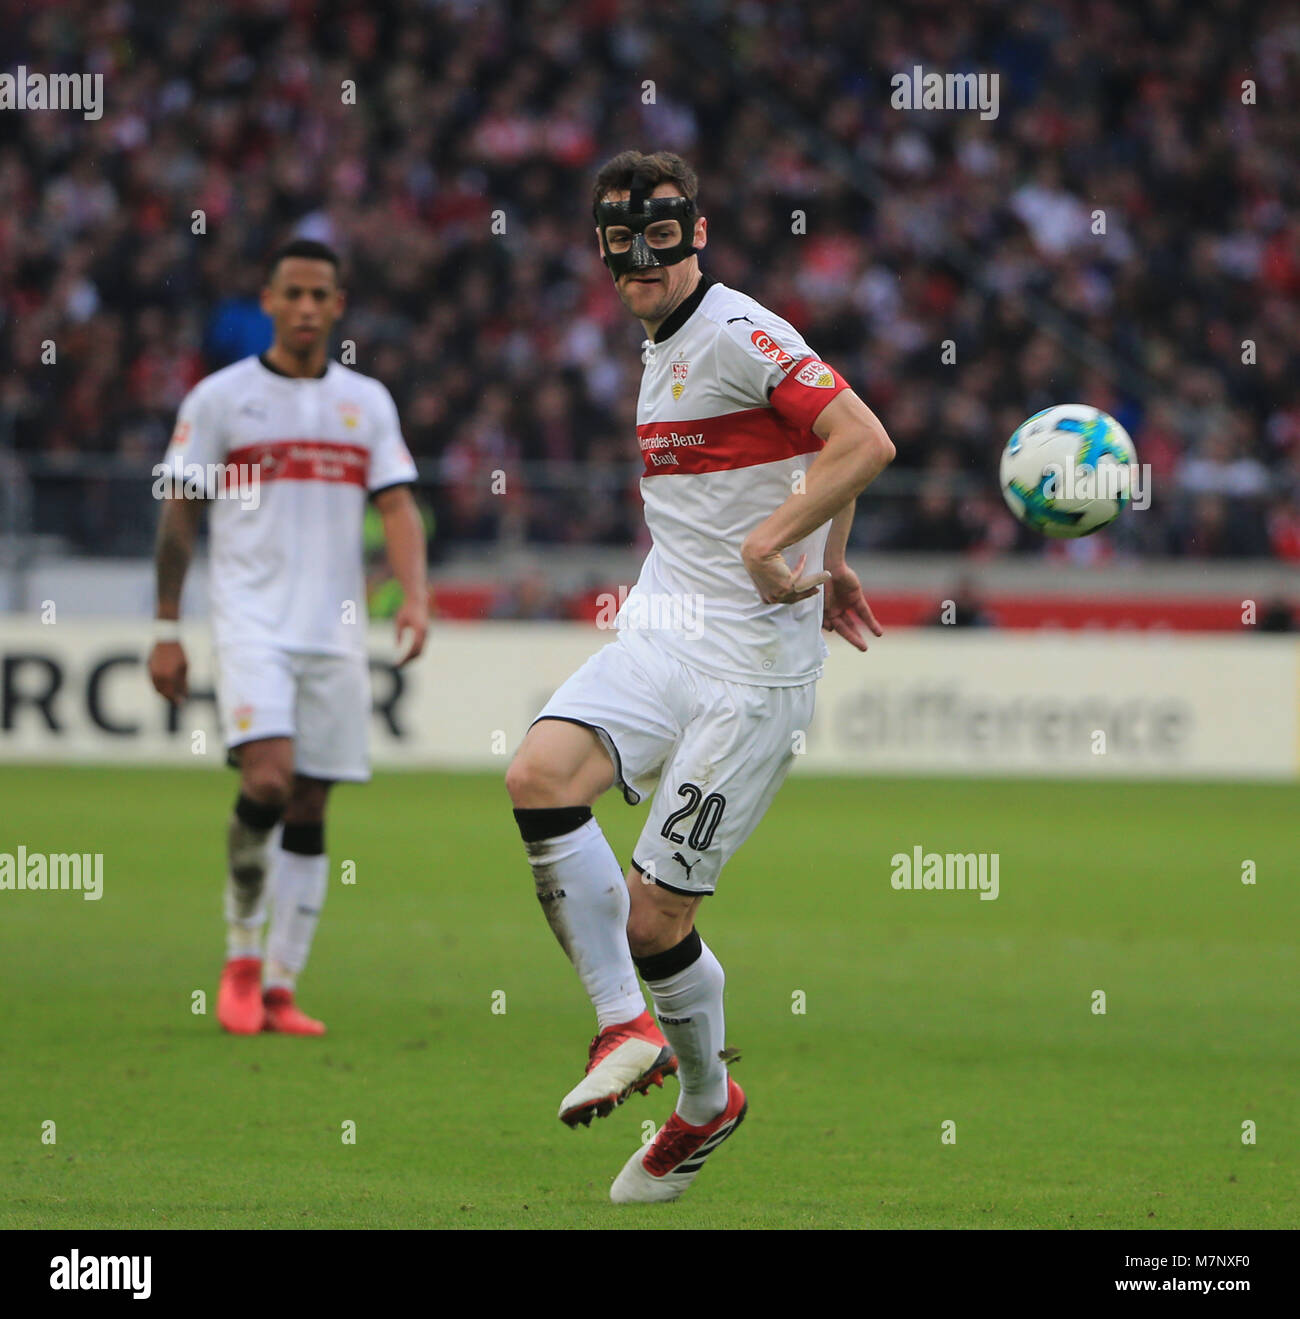 20180311, Football, 1. Bundesliga, 26.Matchday, at Mercedes Benz Arena Stuttgart, VfB Stuttgart vs RB Leipzig, Fussball, - Stock Image